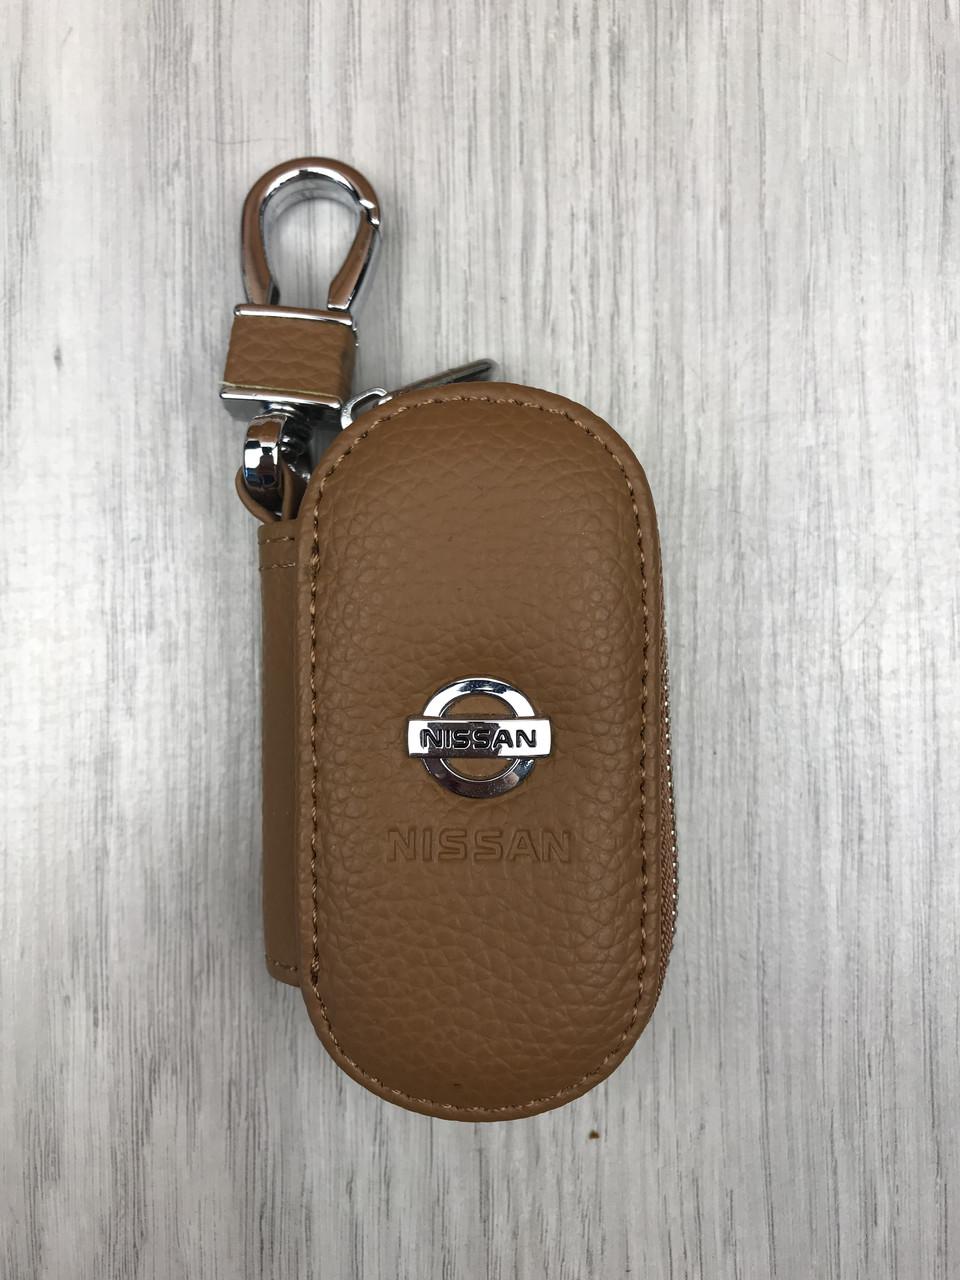 VIP шкіряна ключниця Nissan коричнева Люкс Автомобільний брелок для ключів Новинка 2019 року Ніссан копія